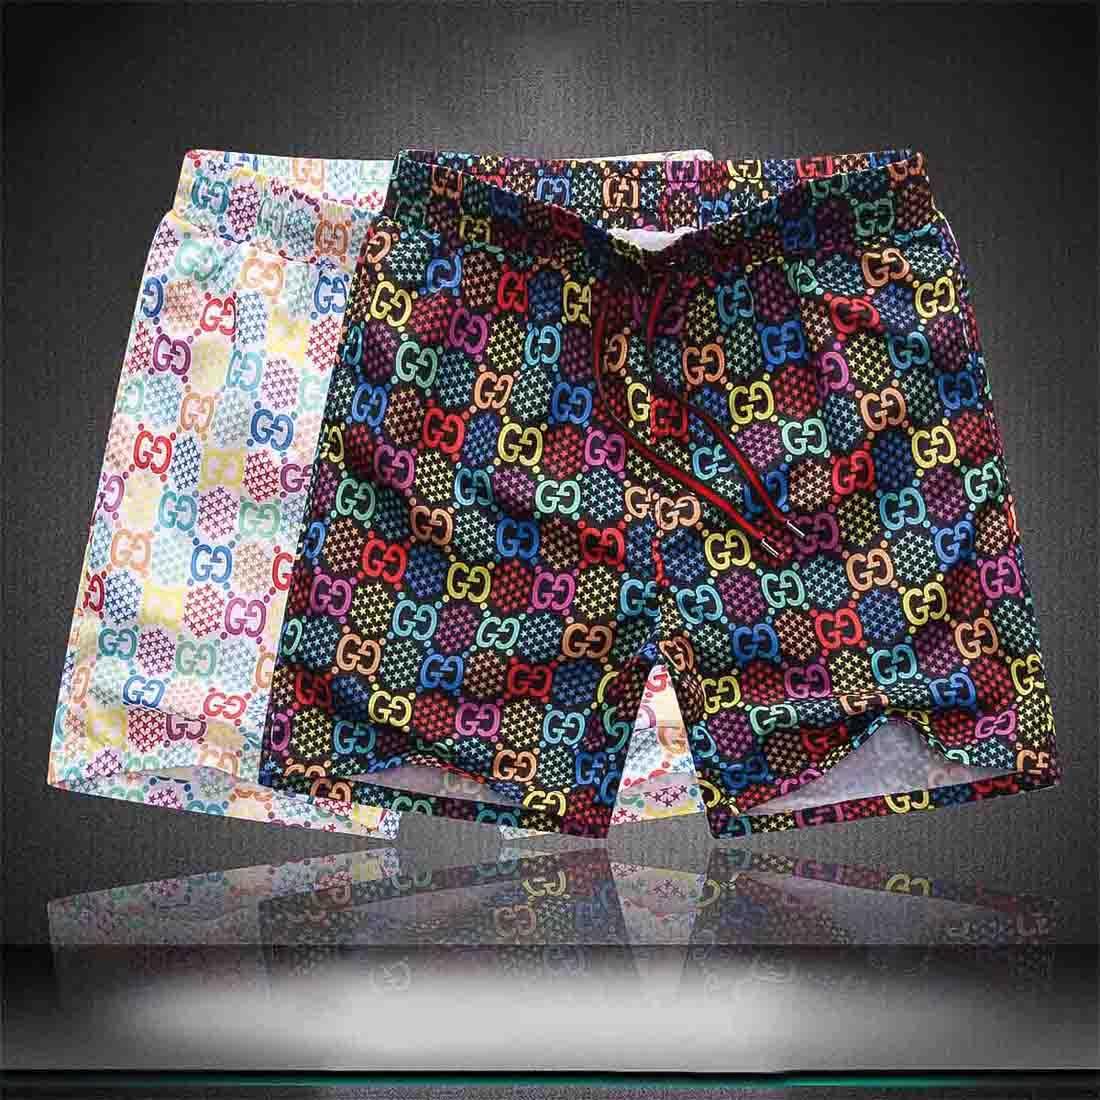 35ss Мода Марка плавательного бордшортов Письмо печати Beach Surf Шорты Купальный костюм Летние пляжные брюки роскошный люкс мужские дизайнерские шорты бесплатно